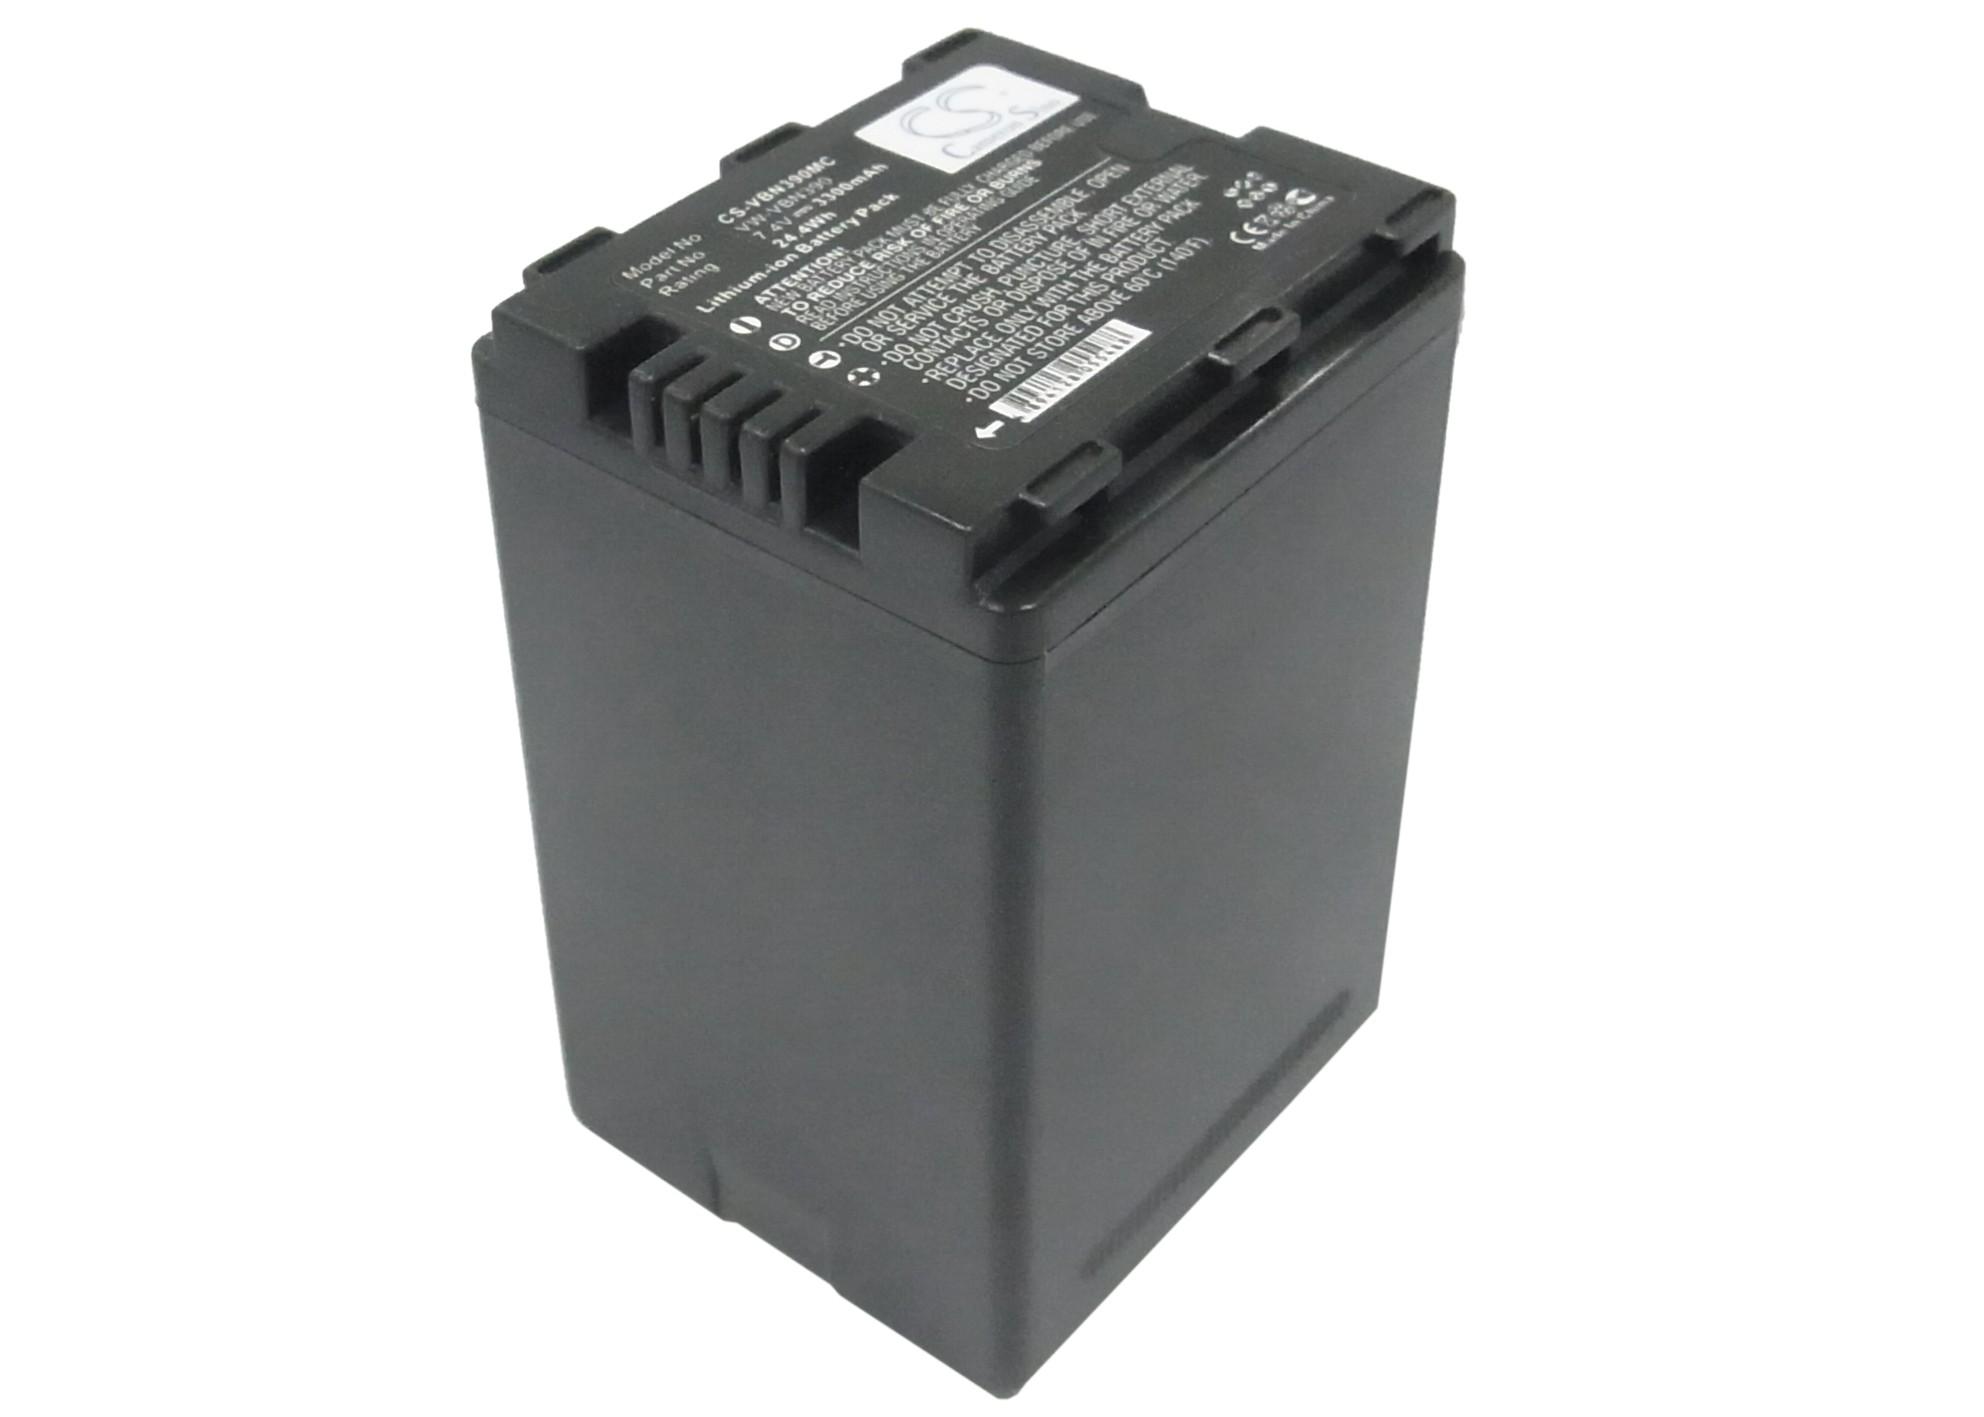 Cameron Sino baterie do kamer a fotoaparátů pro PANASONIC HDC-HS900 7.4V Li-ion 3300mAh černá - neoriginální